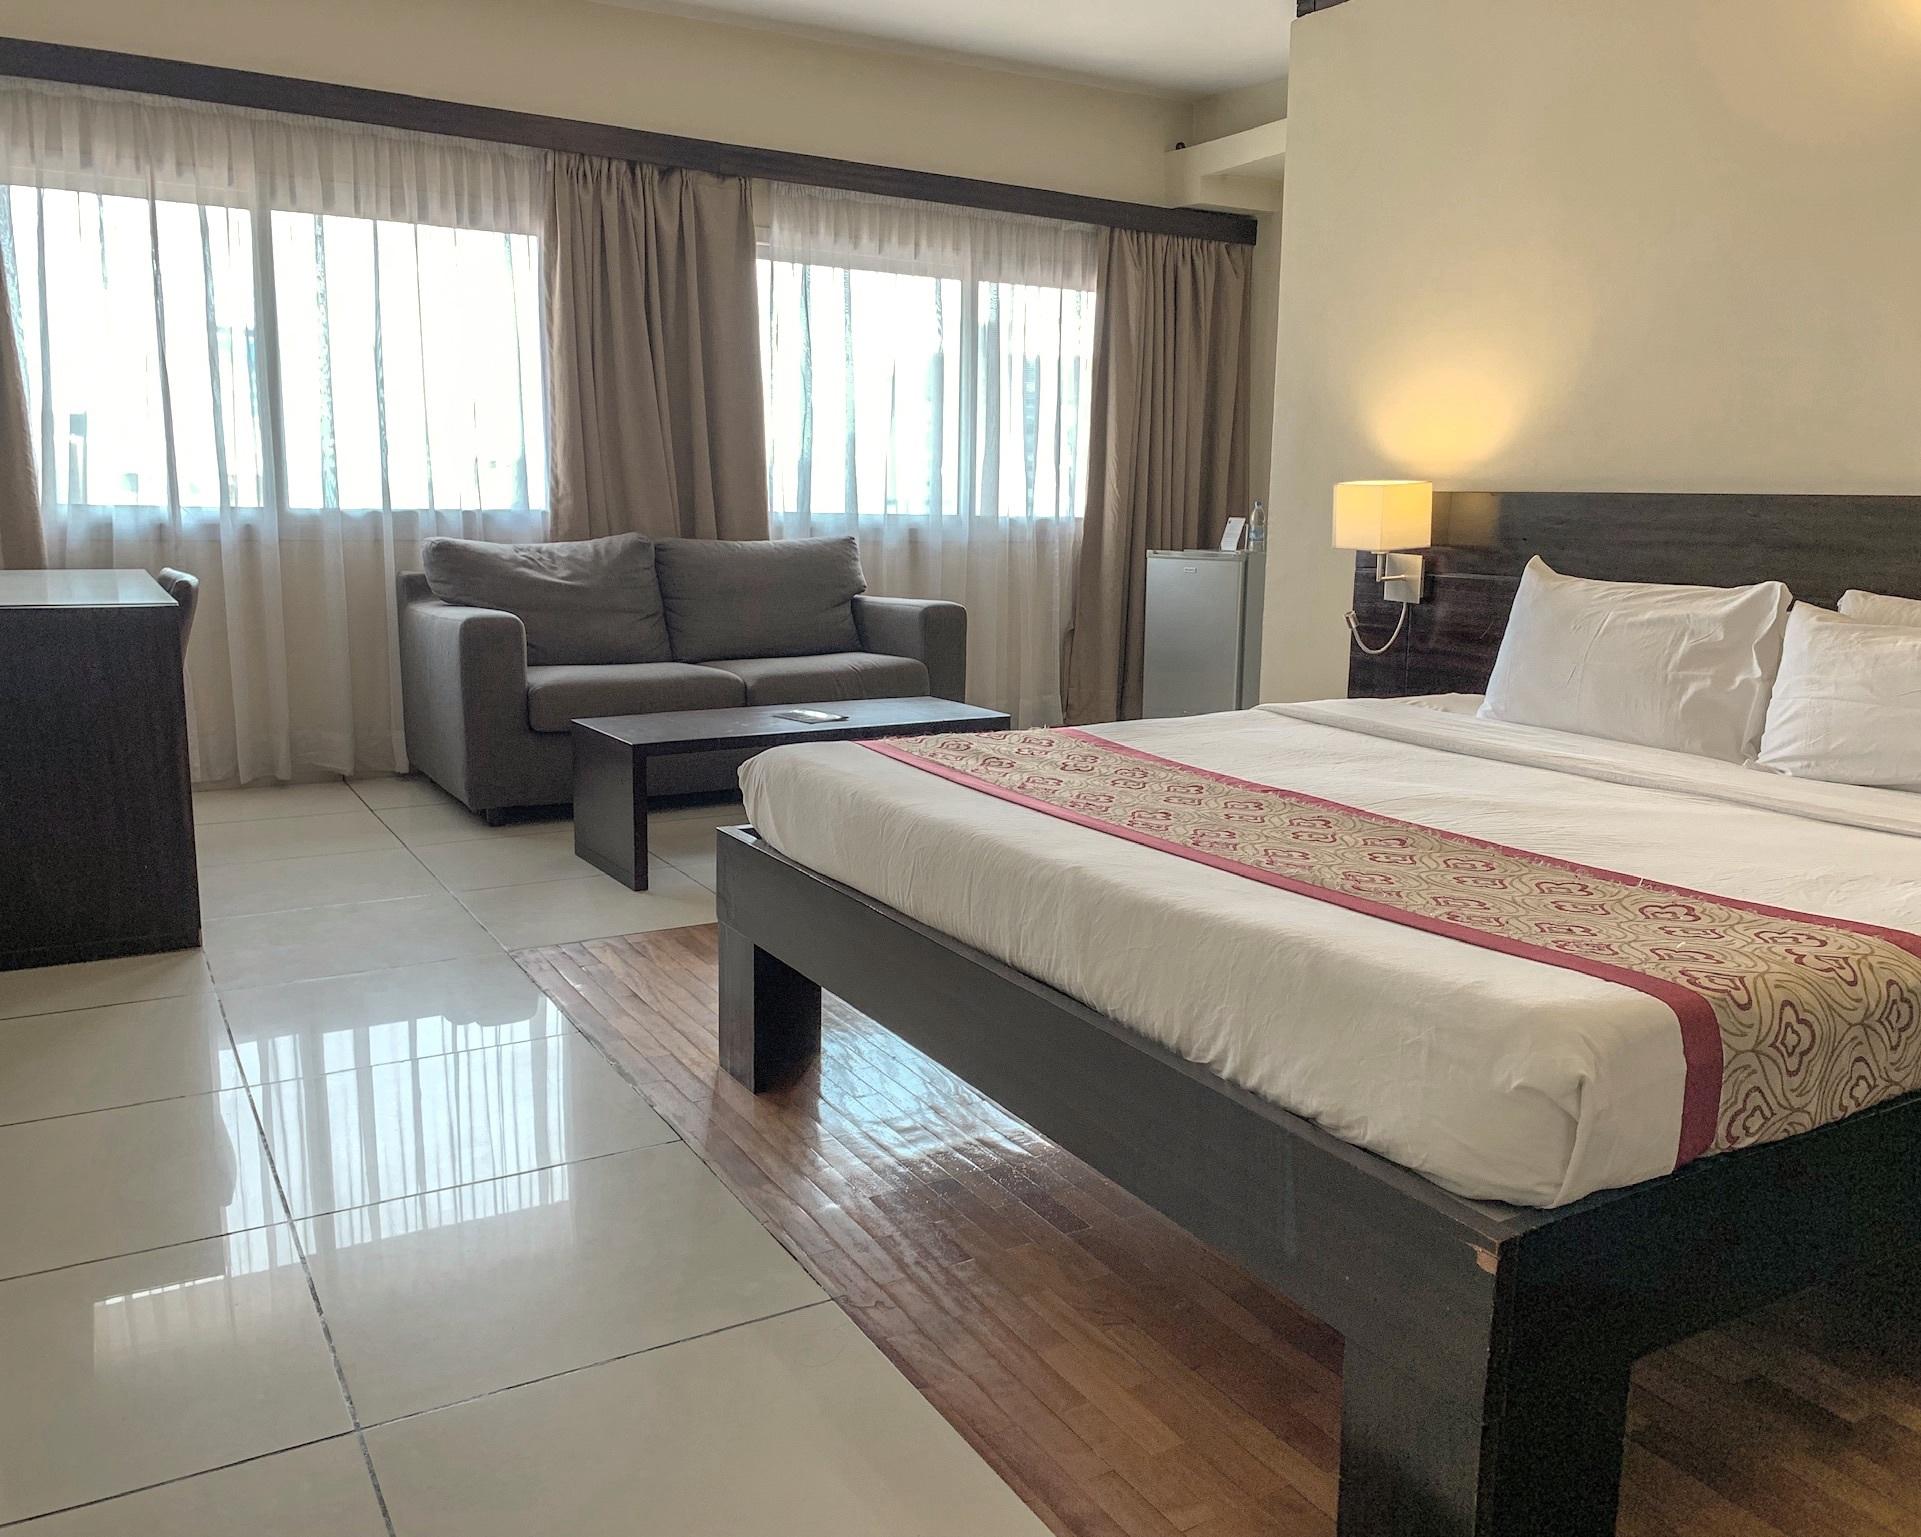 Deluxe Room - 36 m²